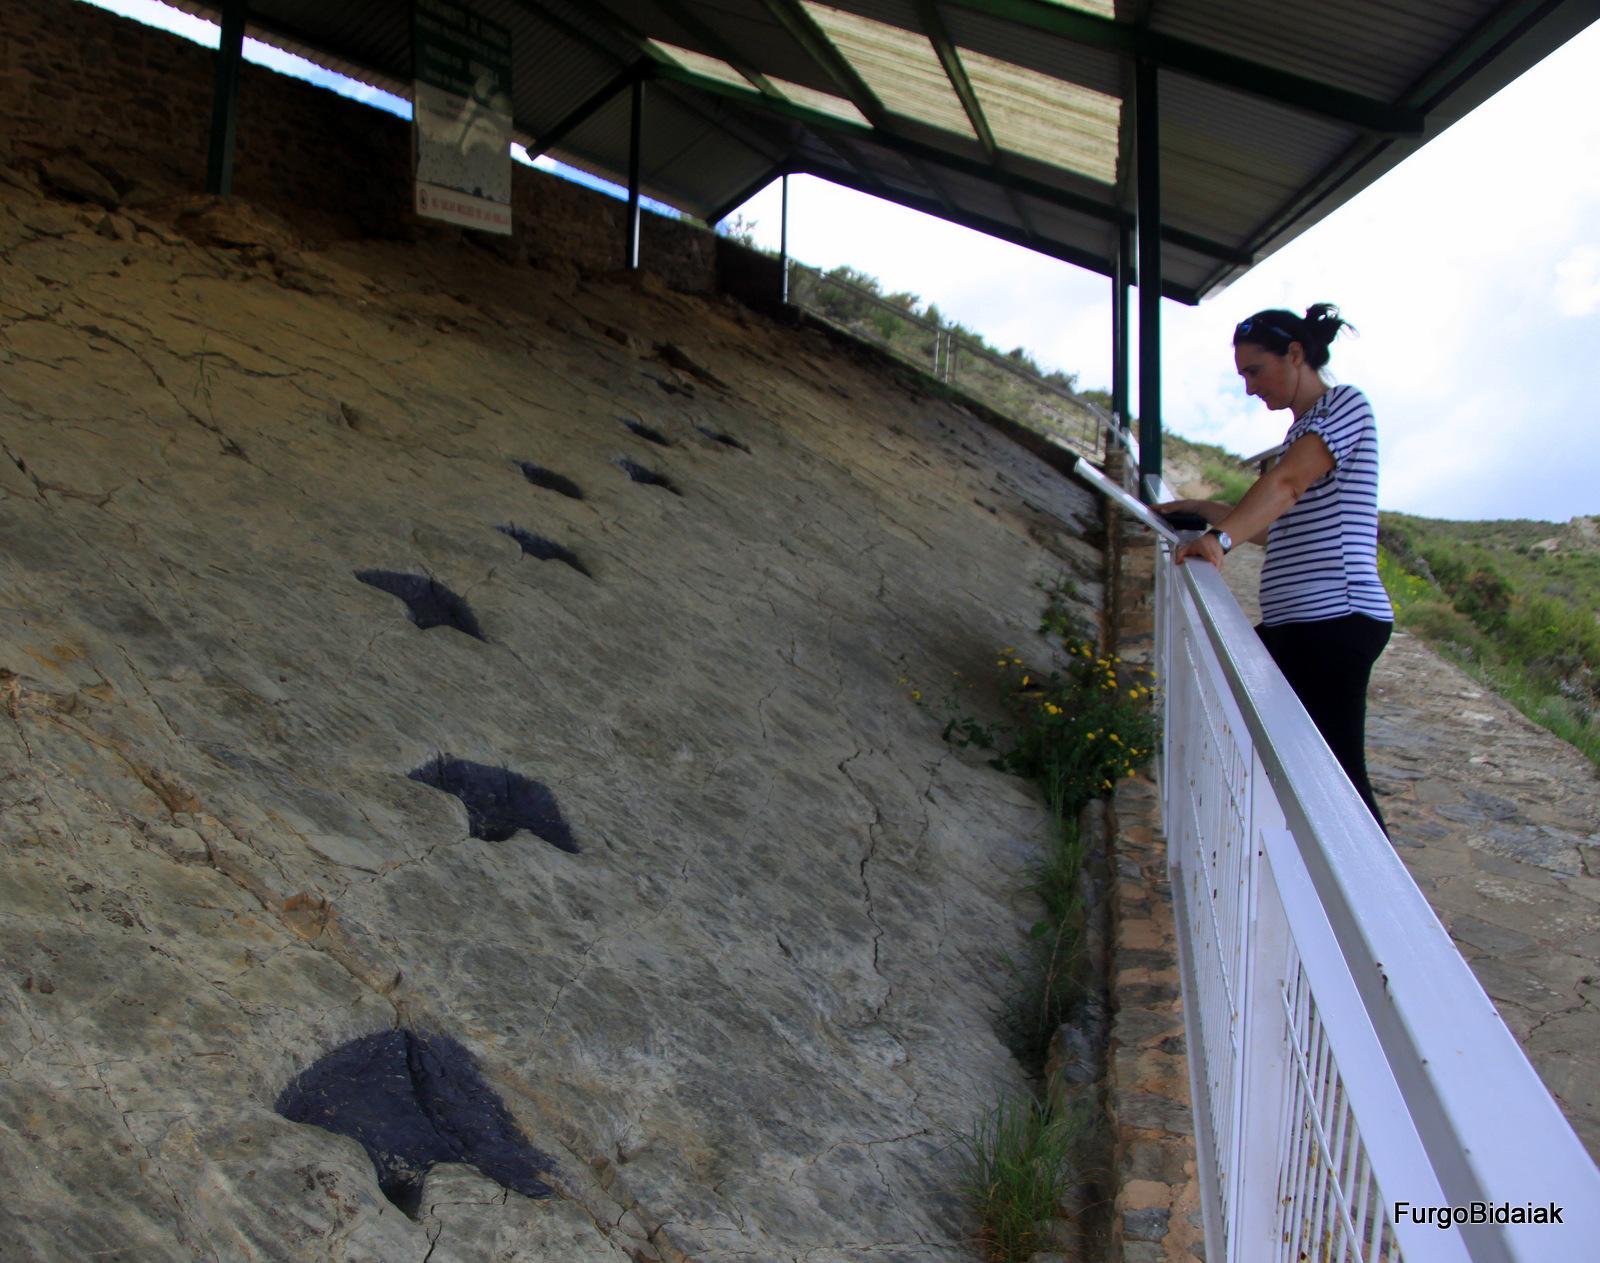 Ruta de los dinosaurios , yacimiento los Cayos, La Rioja